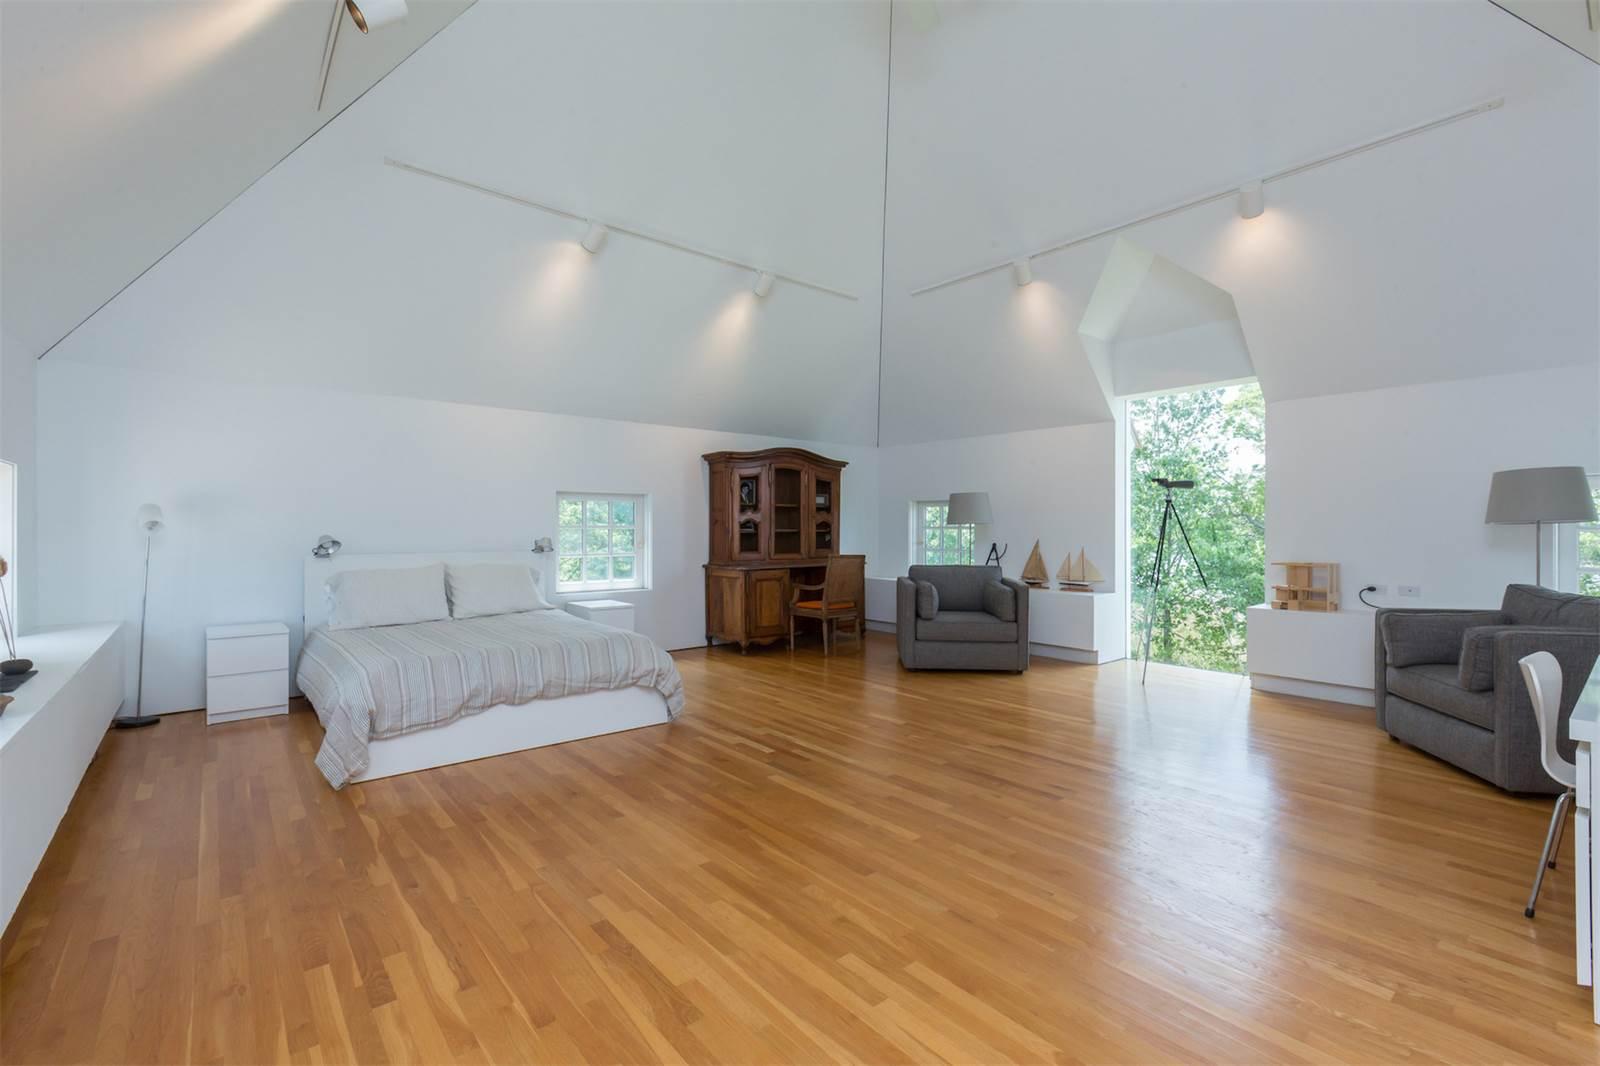 Casas de ensueo minimalismo extremo con unas impresionantes vistas